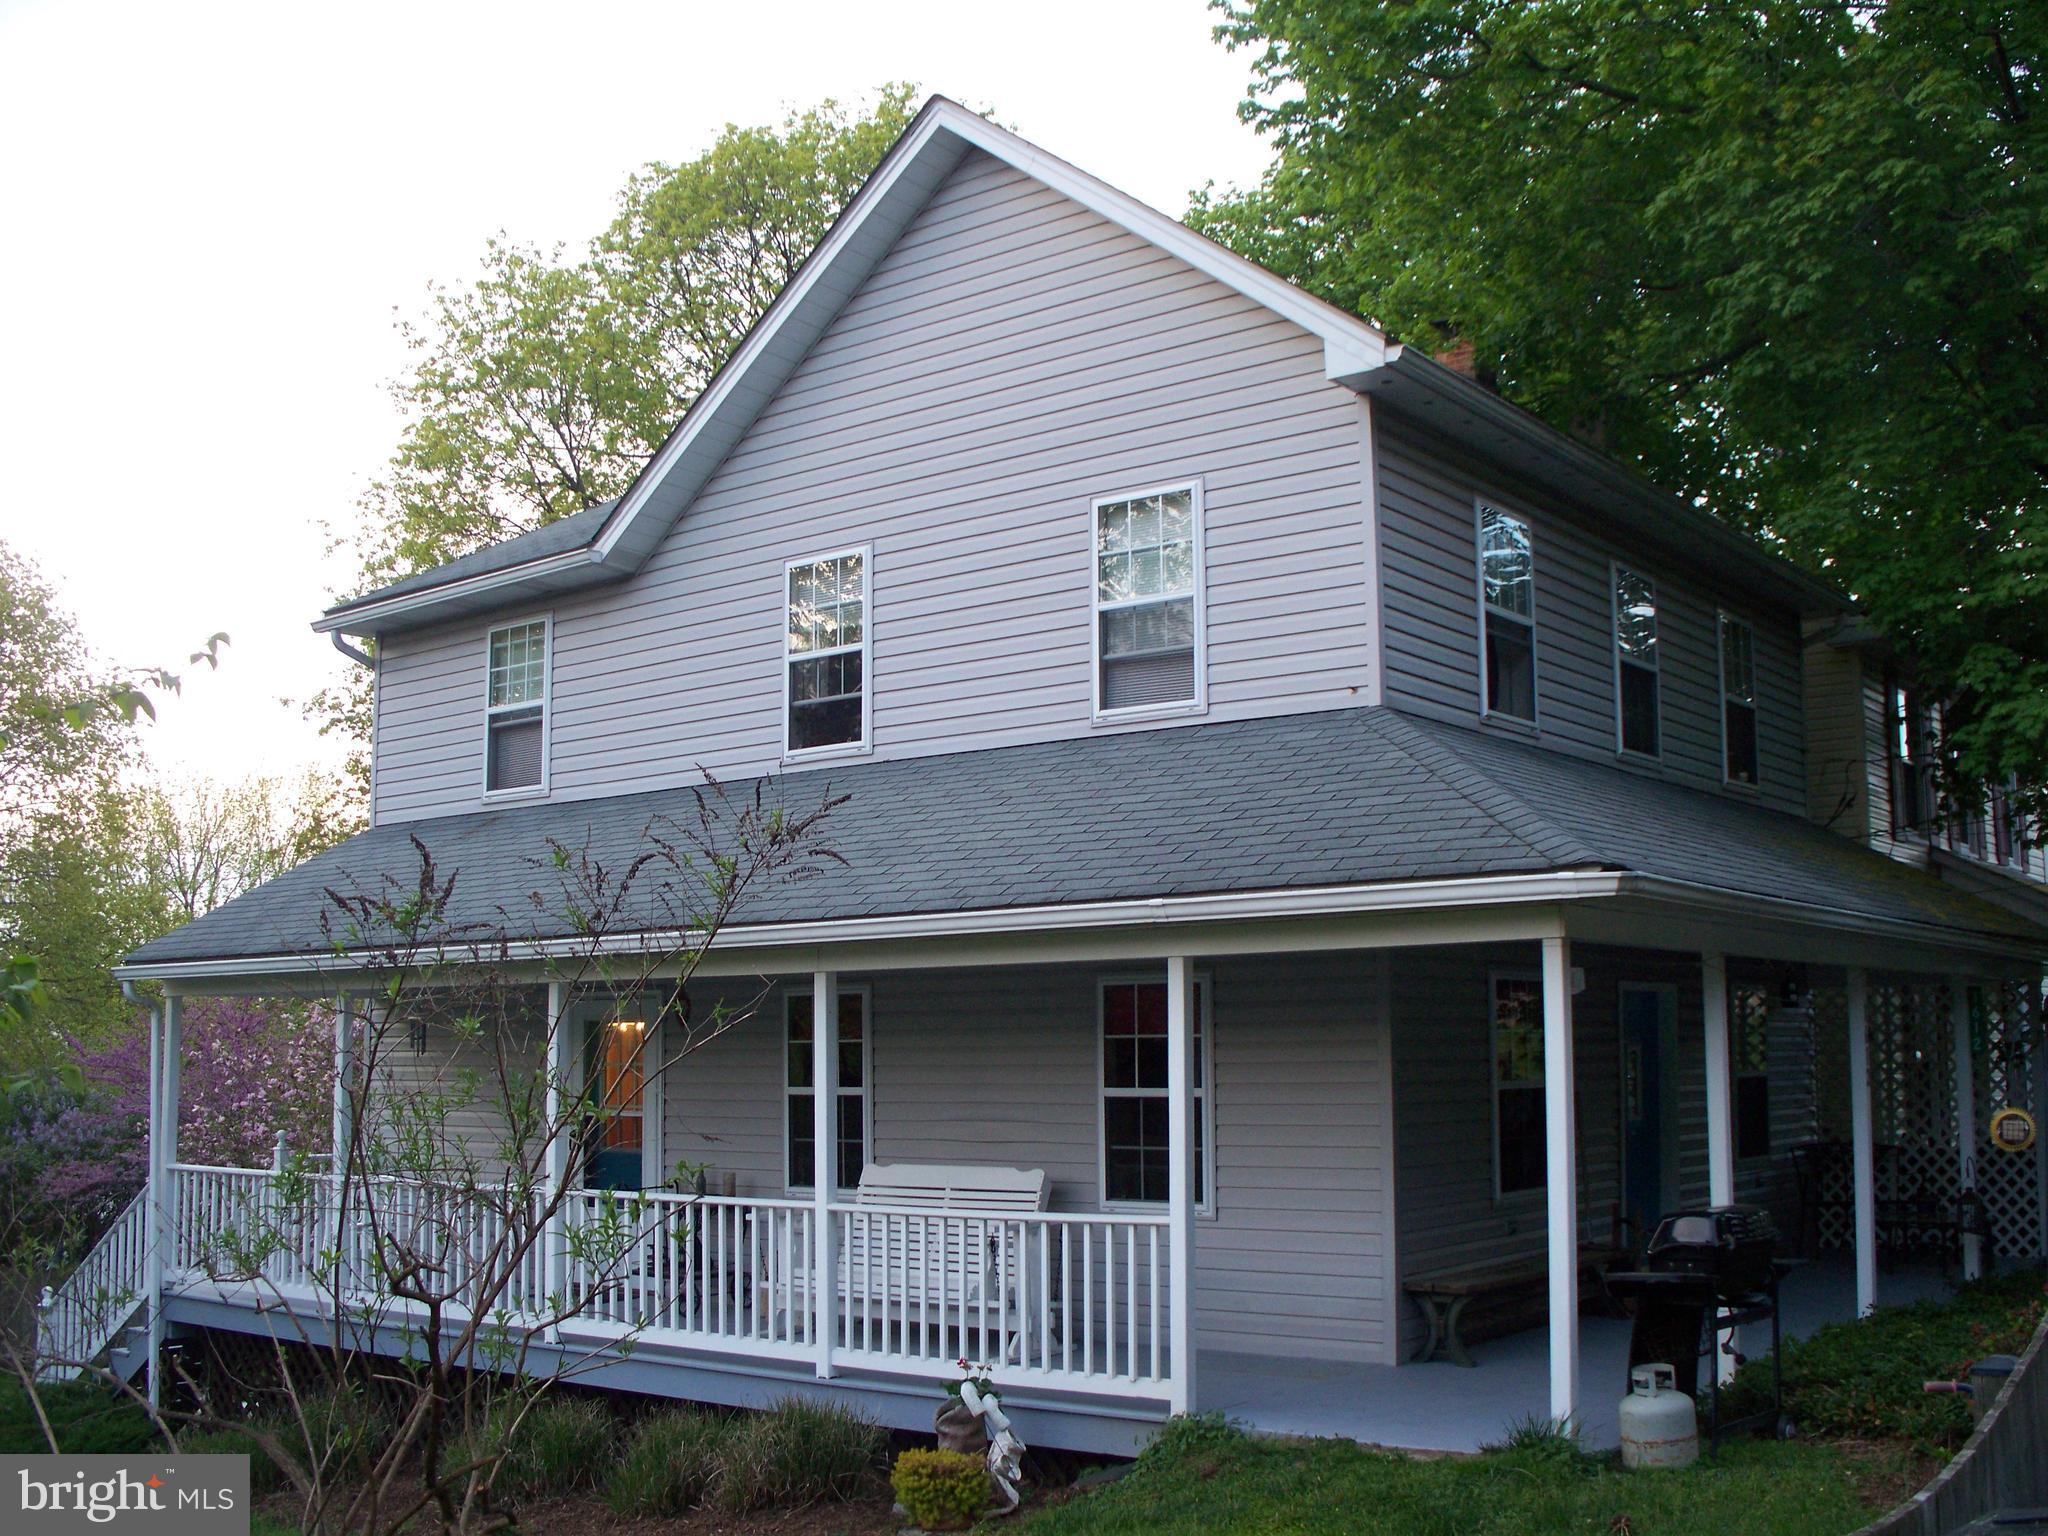 1612 CHESTNUT STREET, WHITEFORD, MD 21160